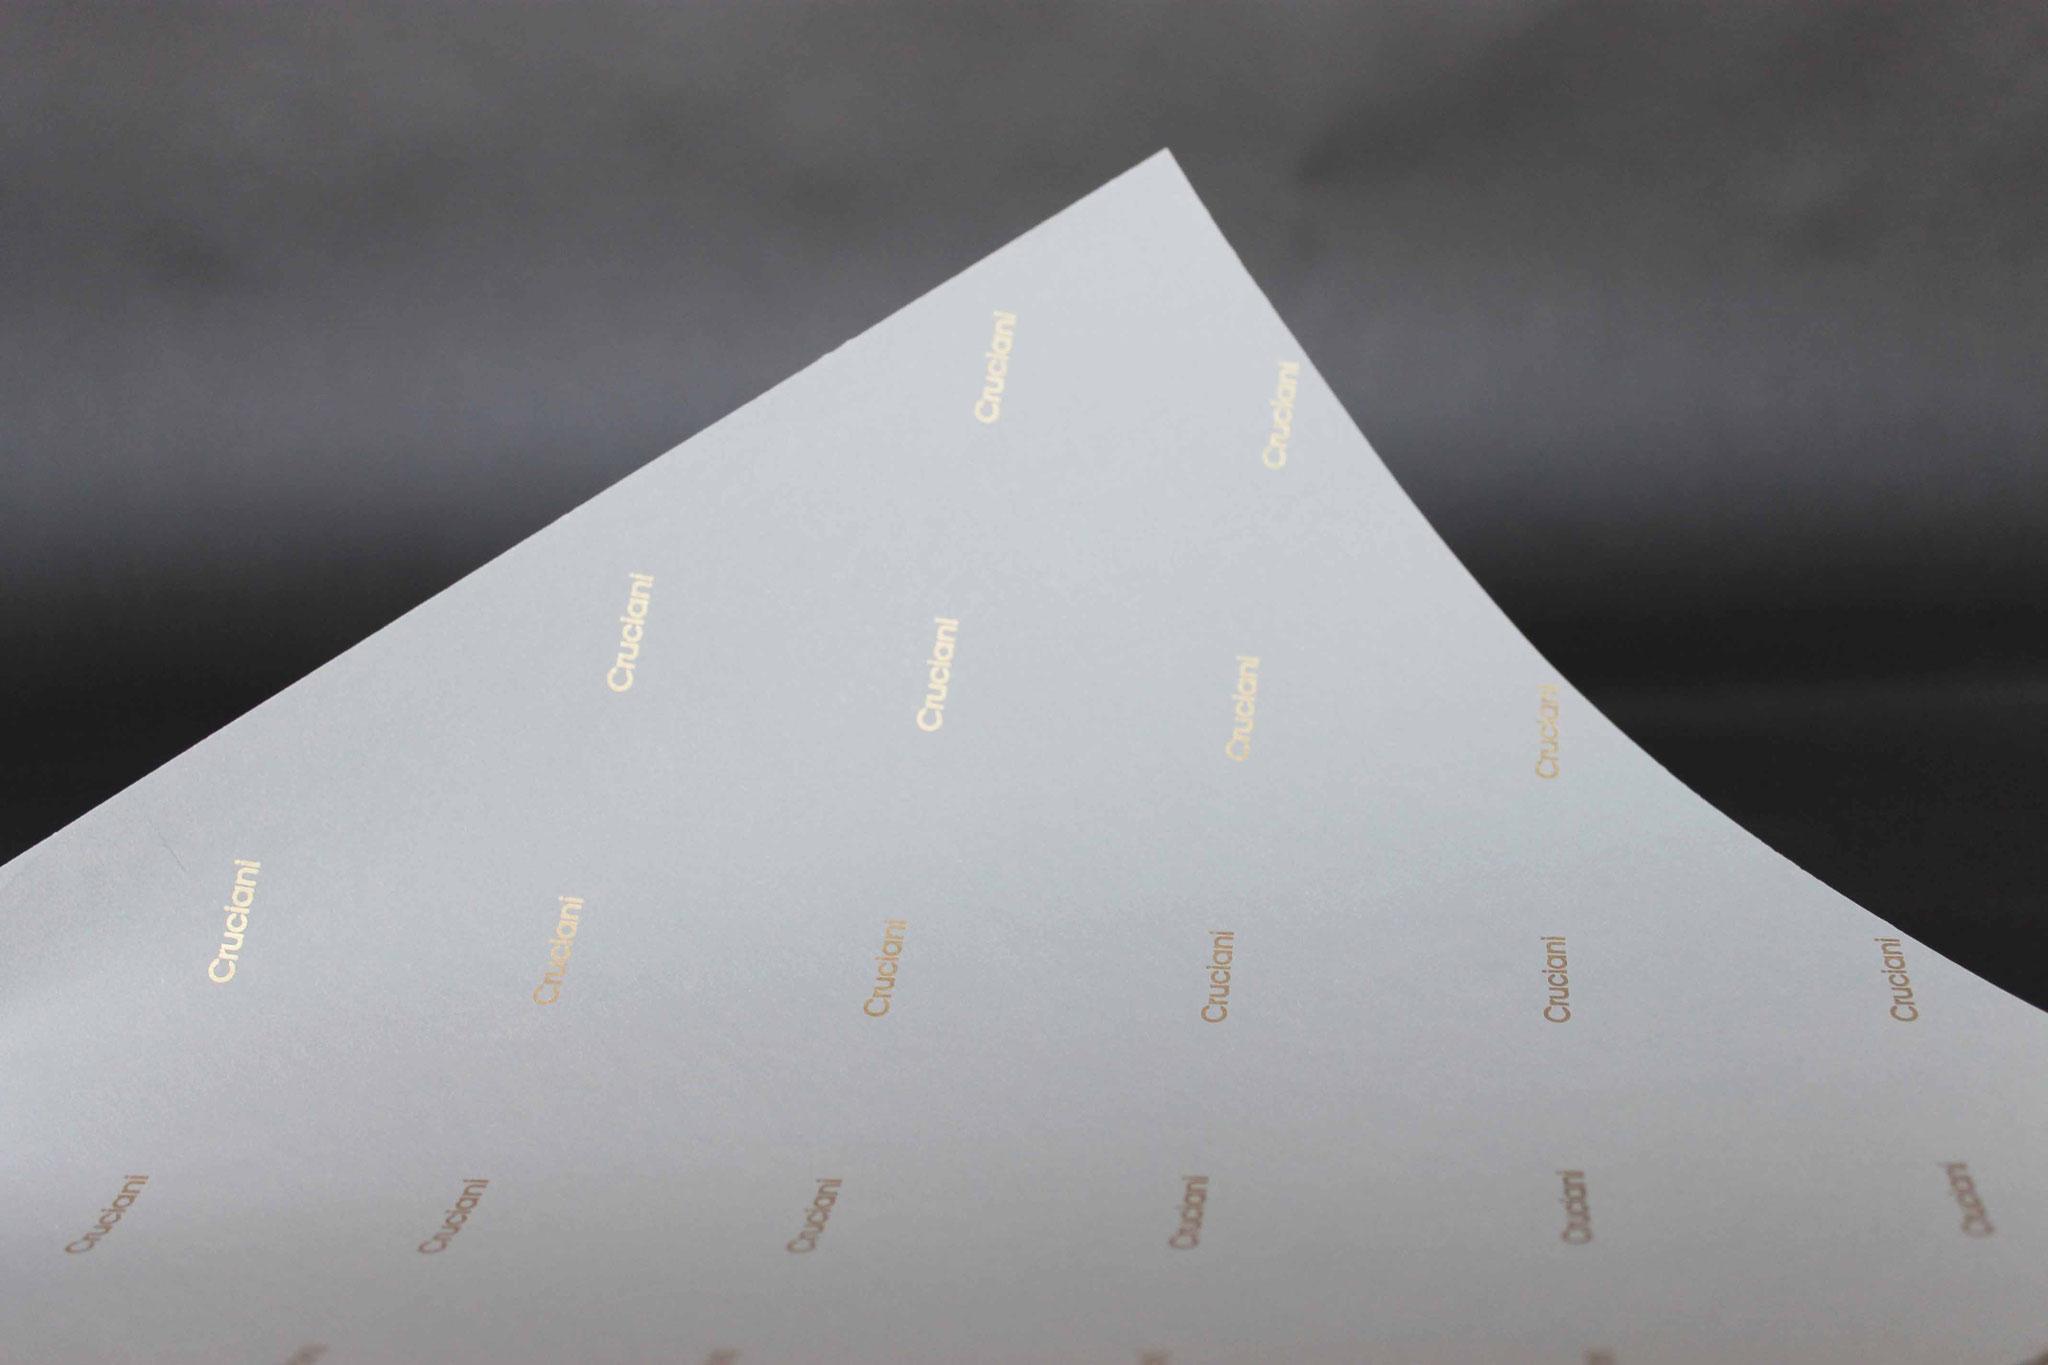 Druck: Gold, Papier: Weiß